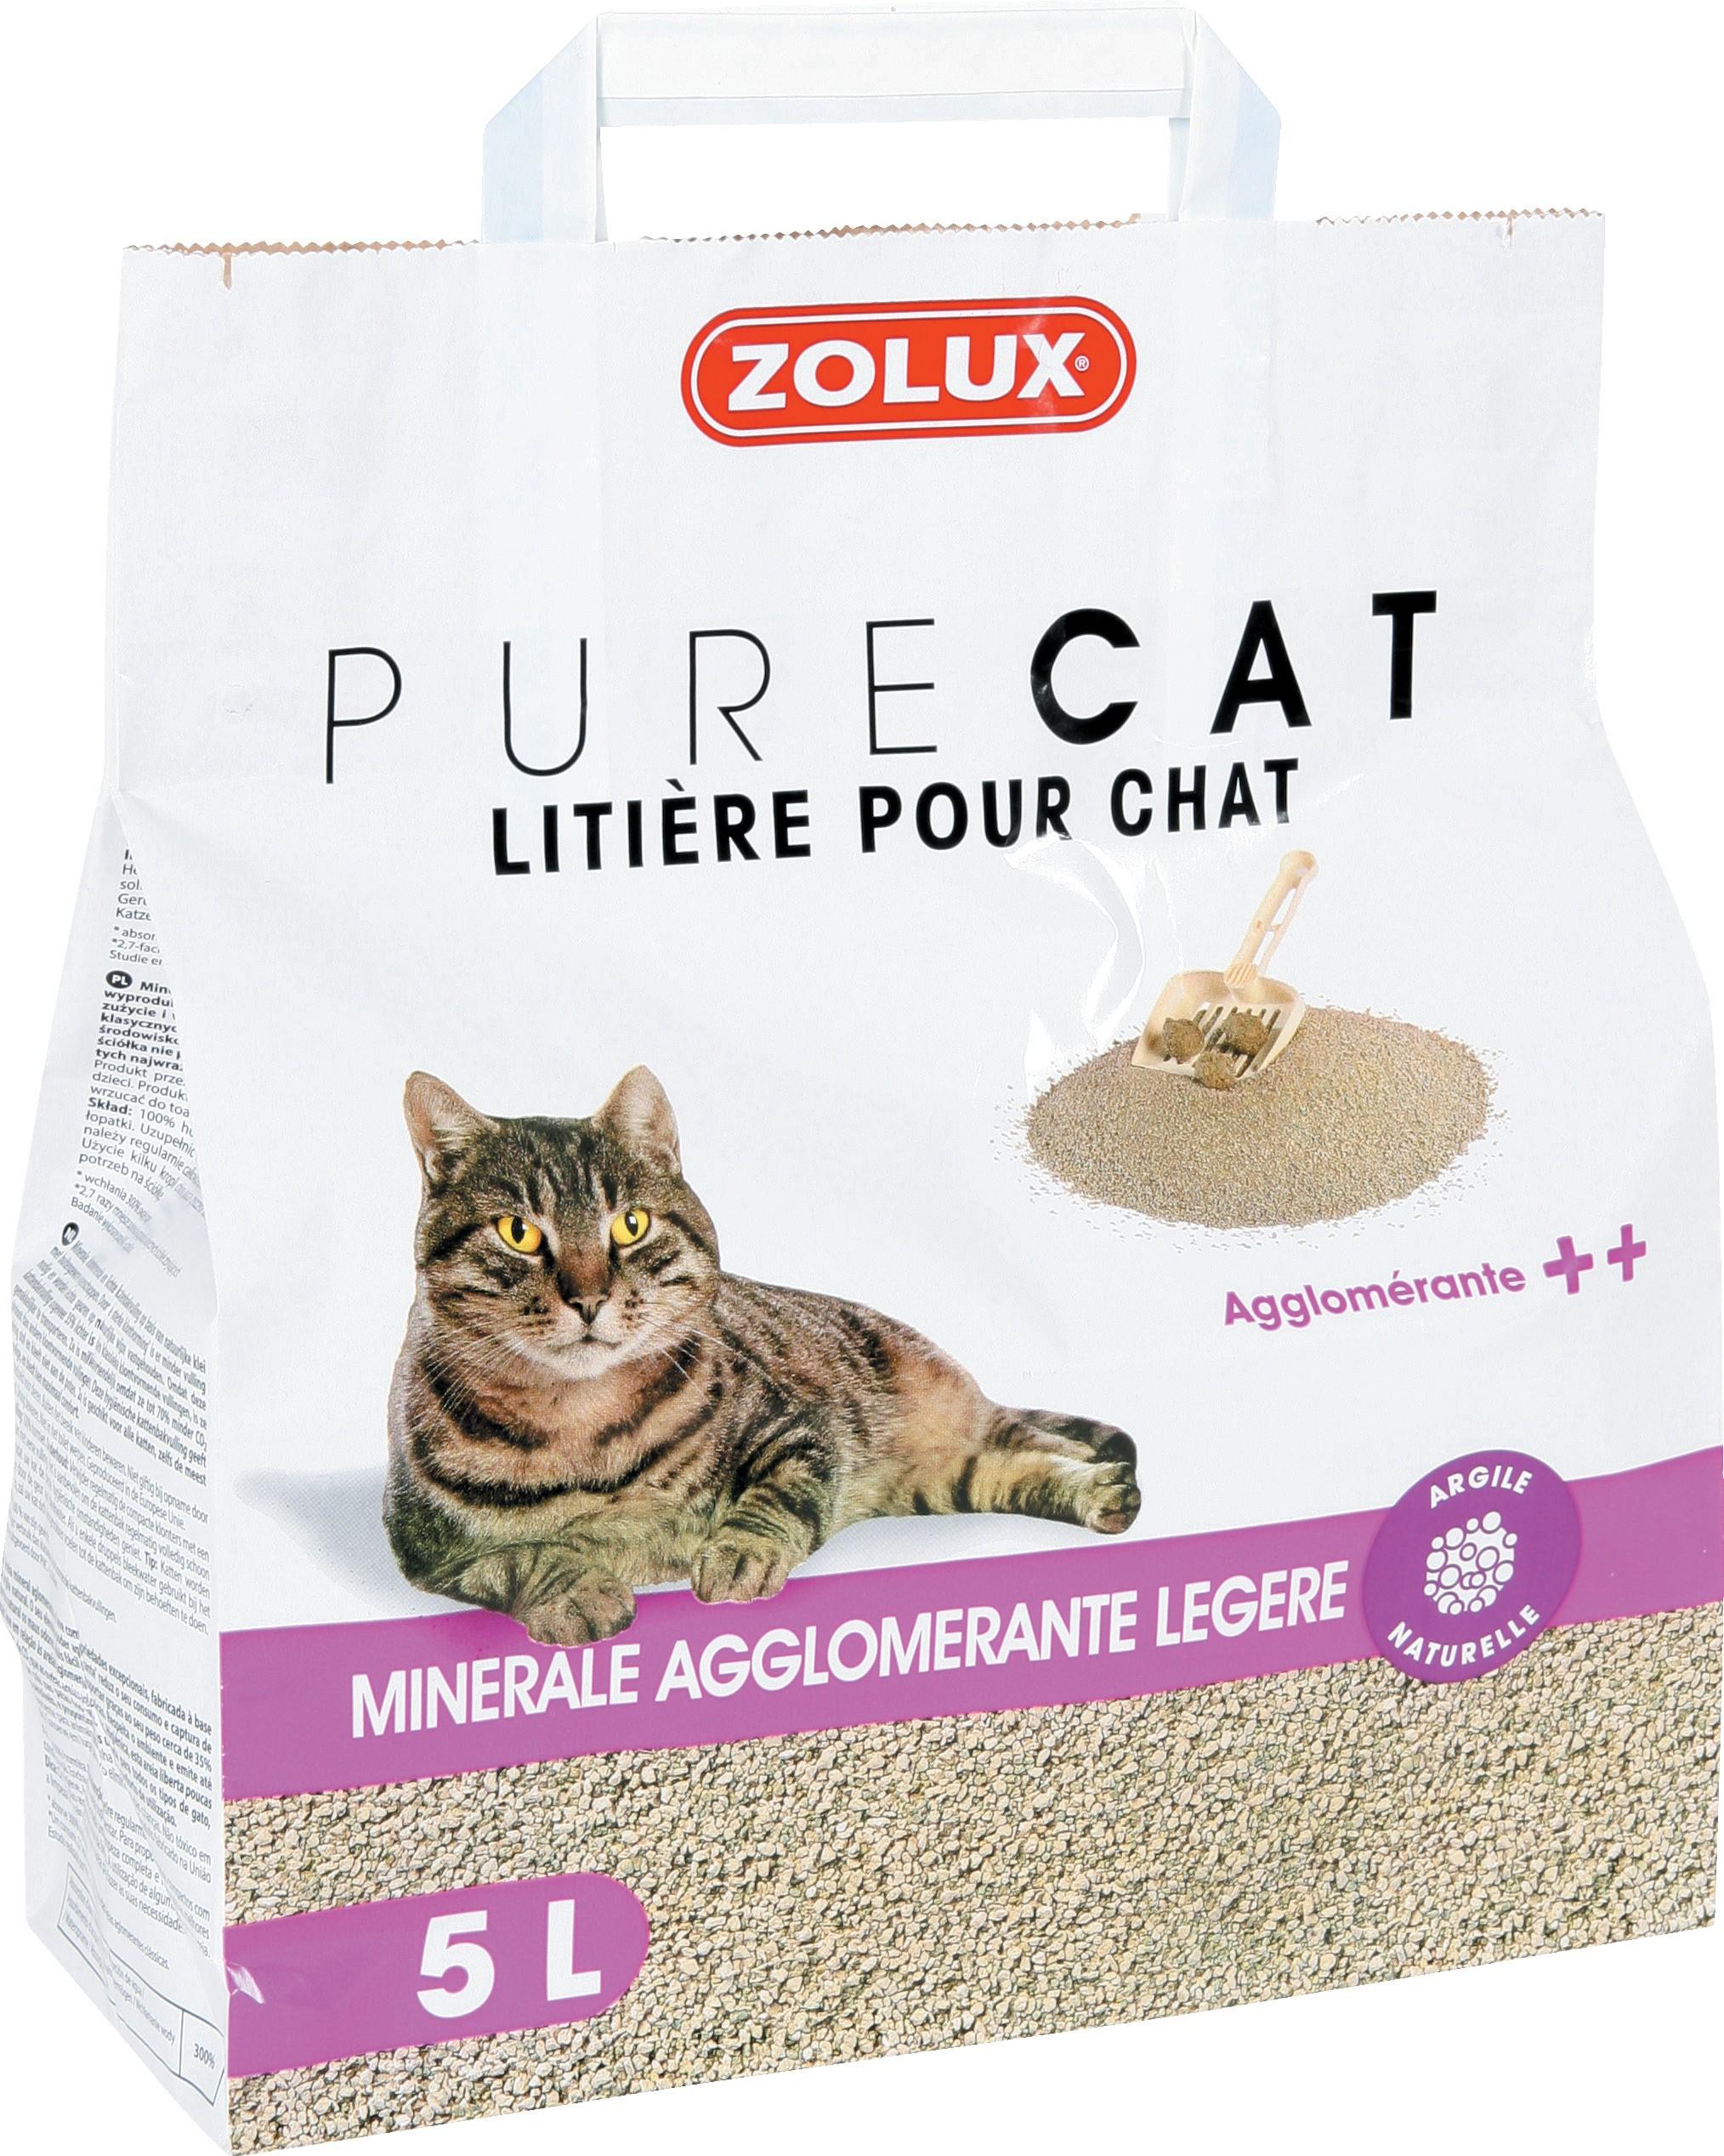 Litière PureCat agglomérante légère